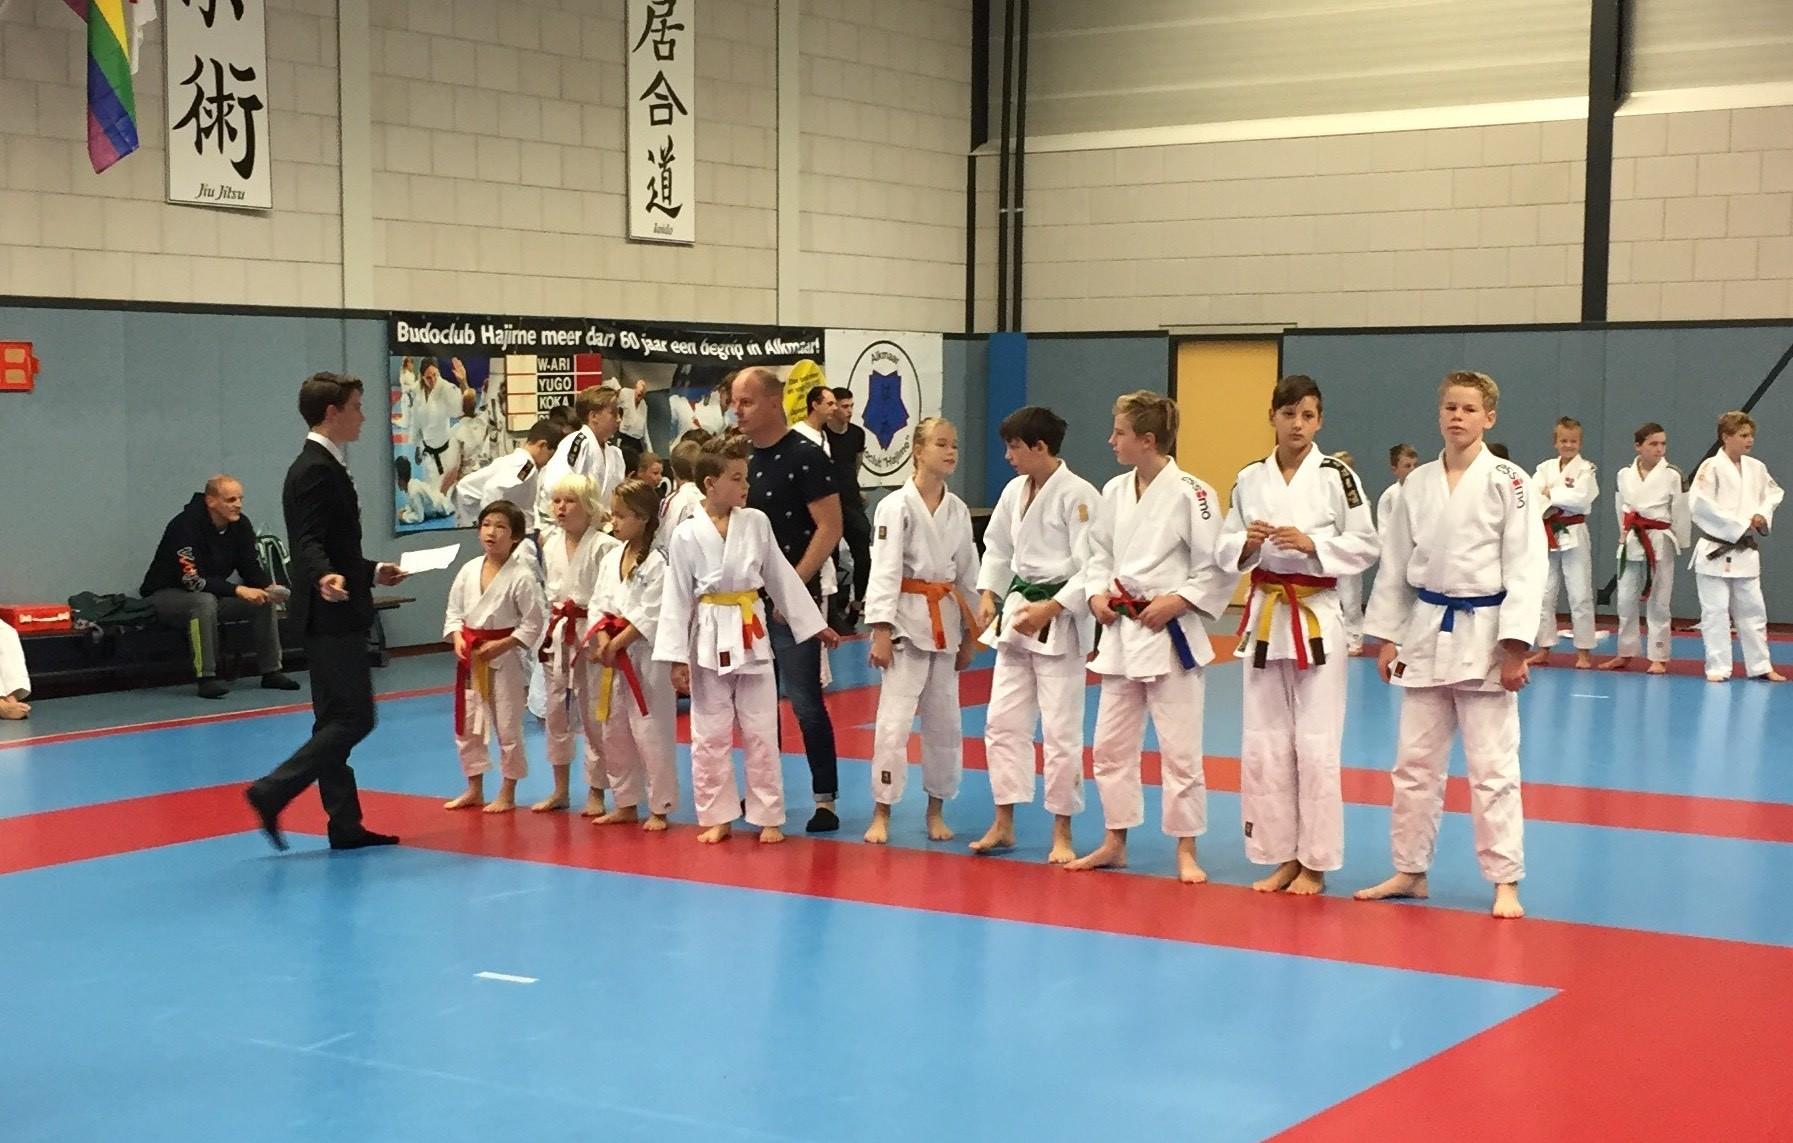 Afbeelding op de pagina jeugd judo hoorn bij Frits van der Werff